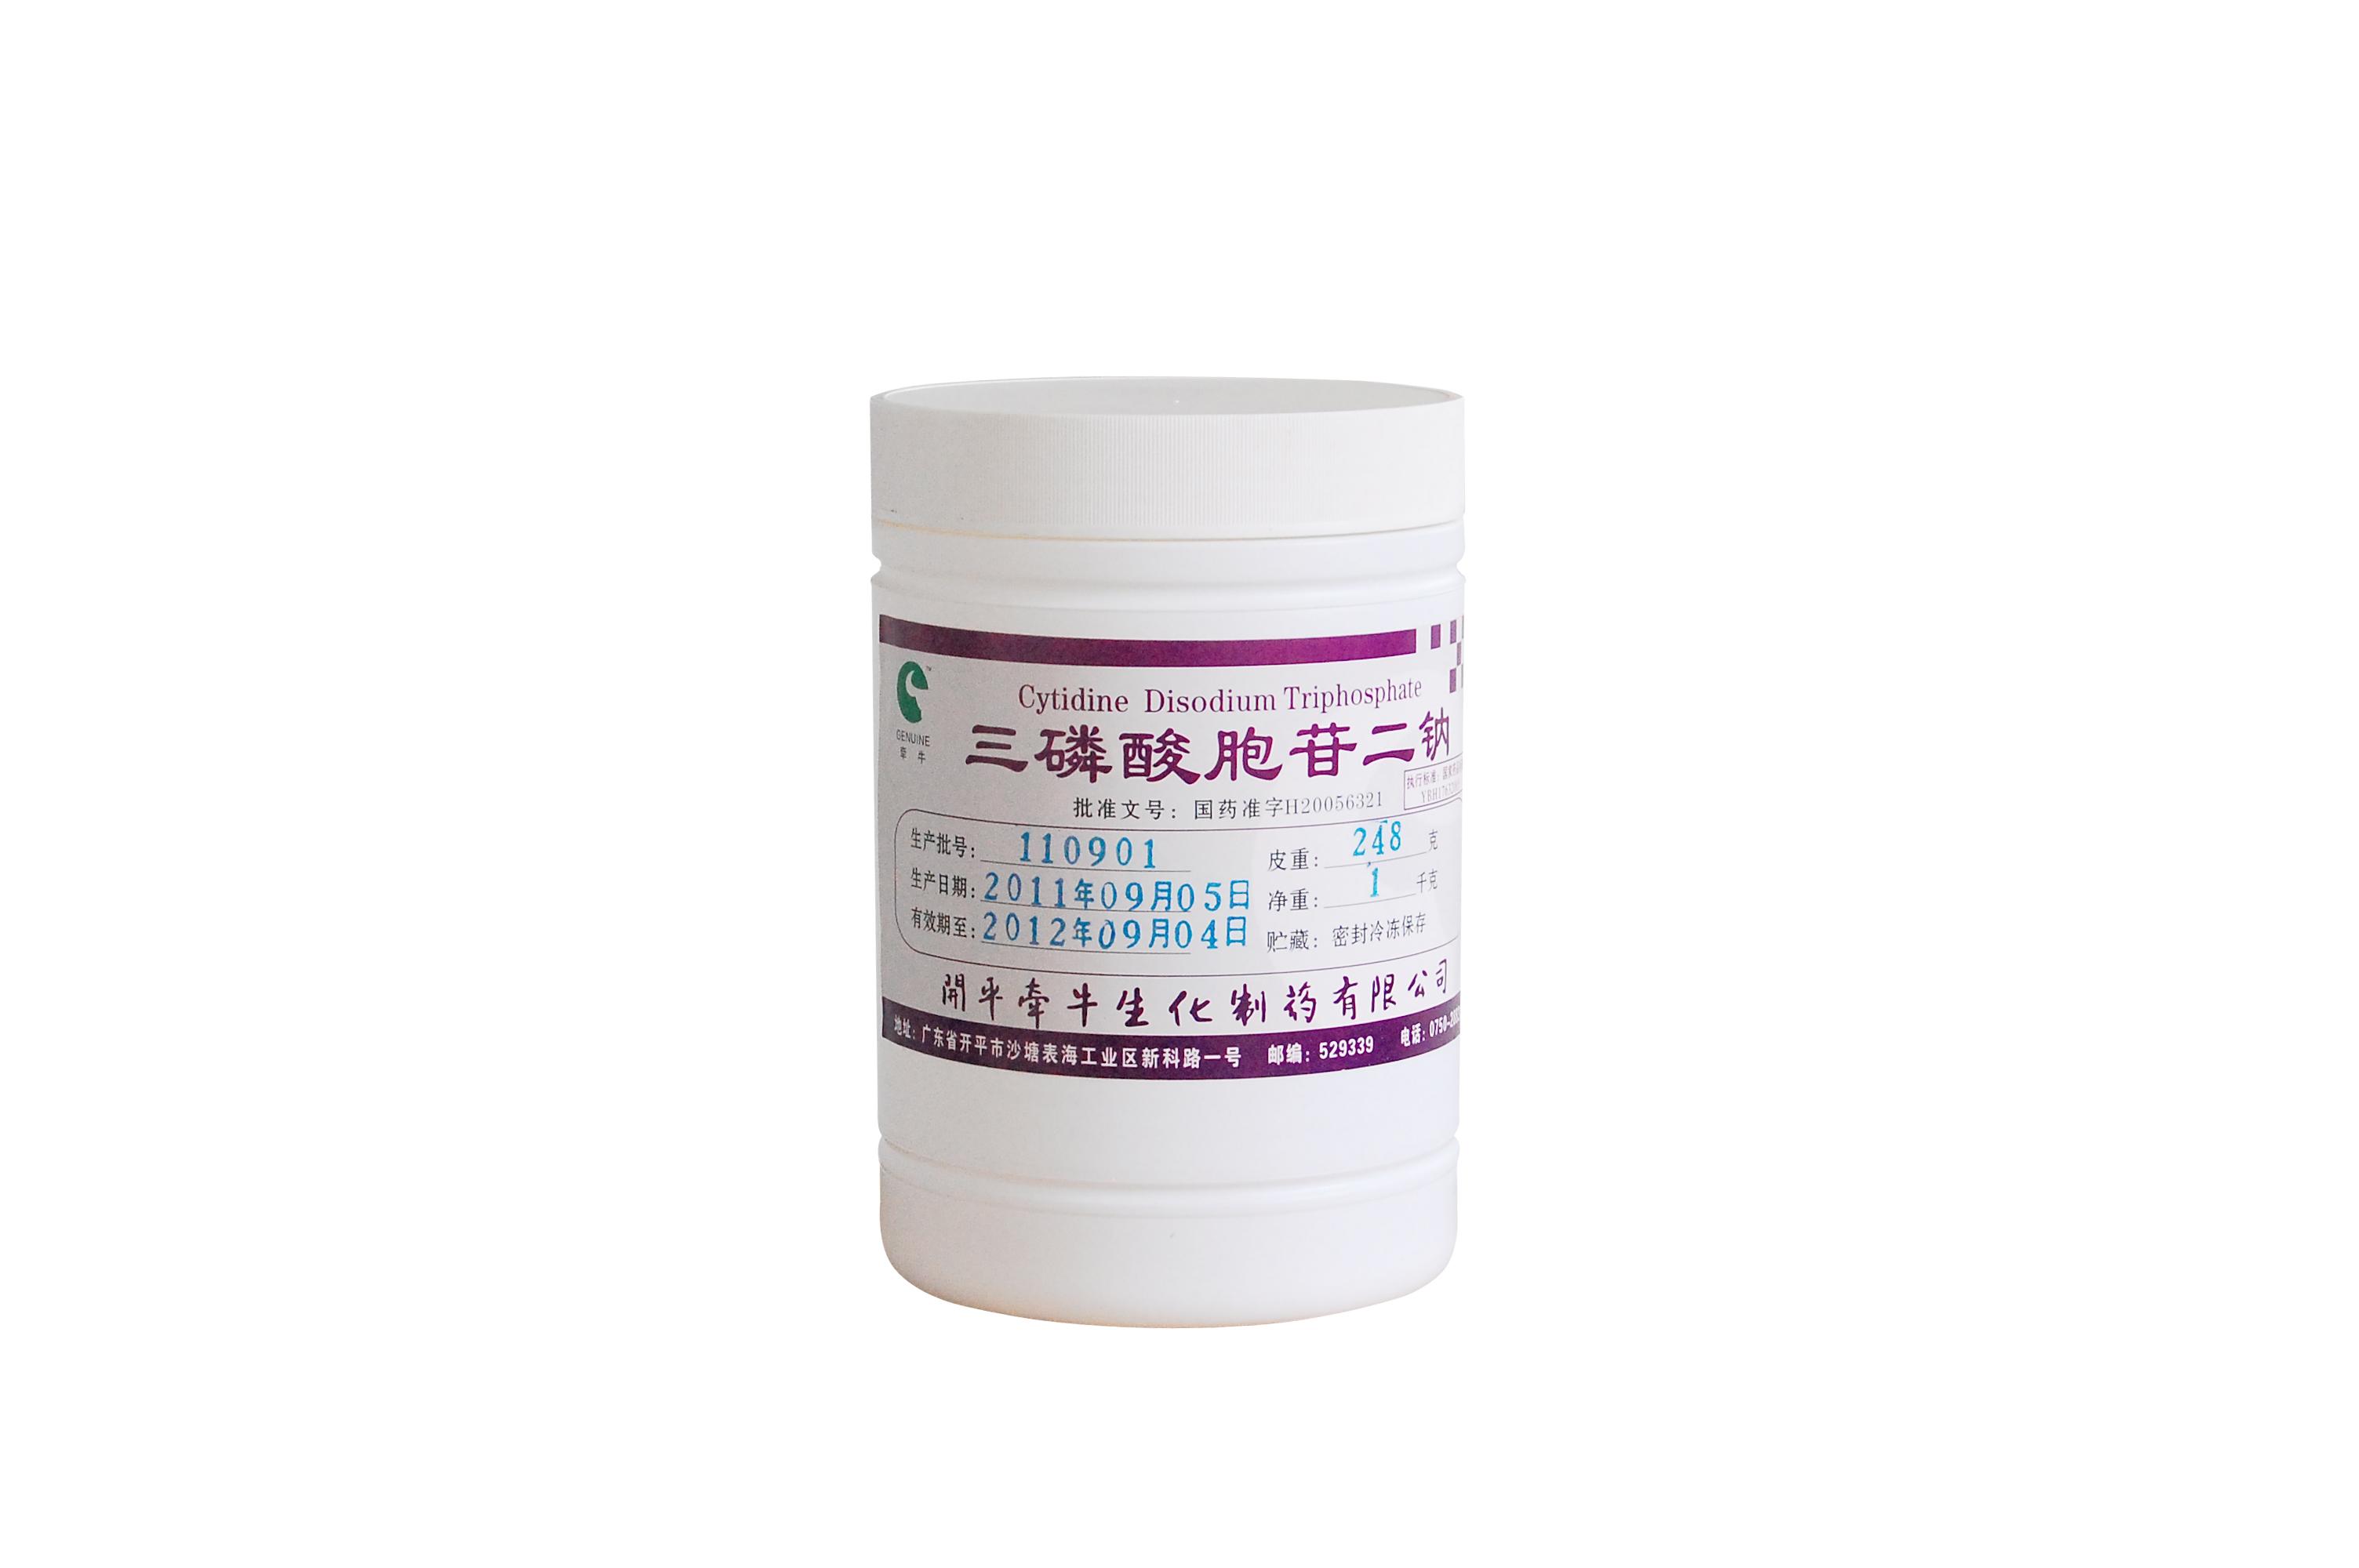 三磷酸胞苷二钠